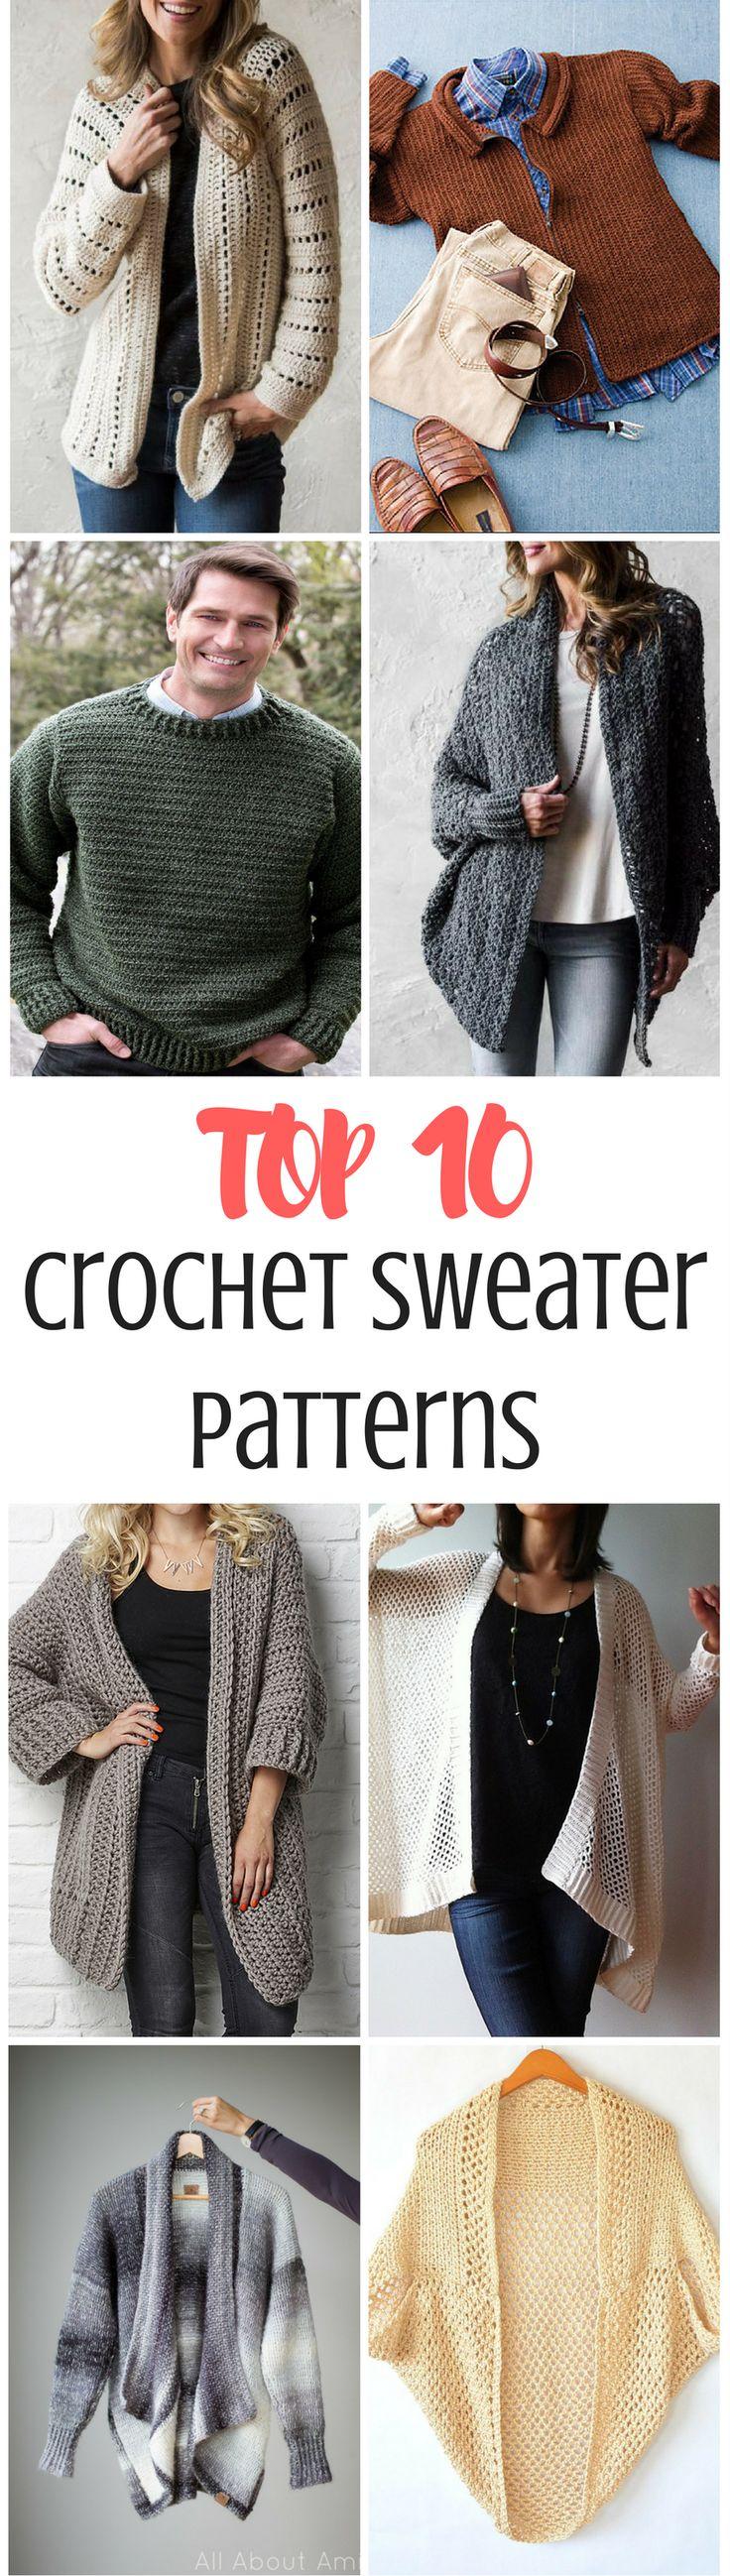 best beautiful yarn images by dan wat on pinterest jackets